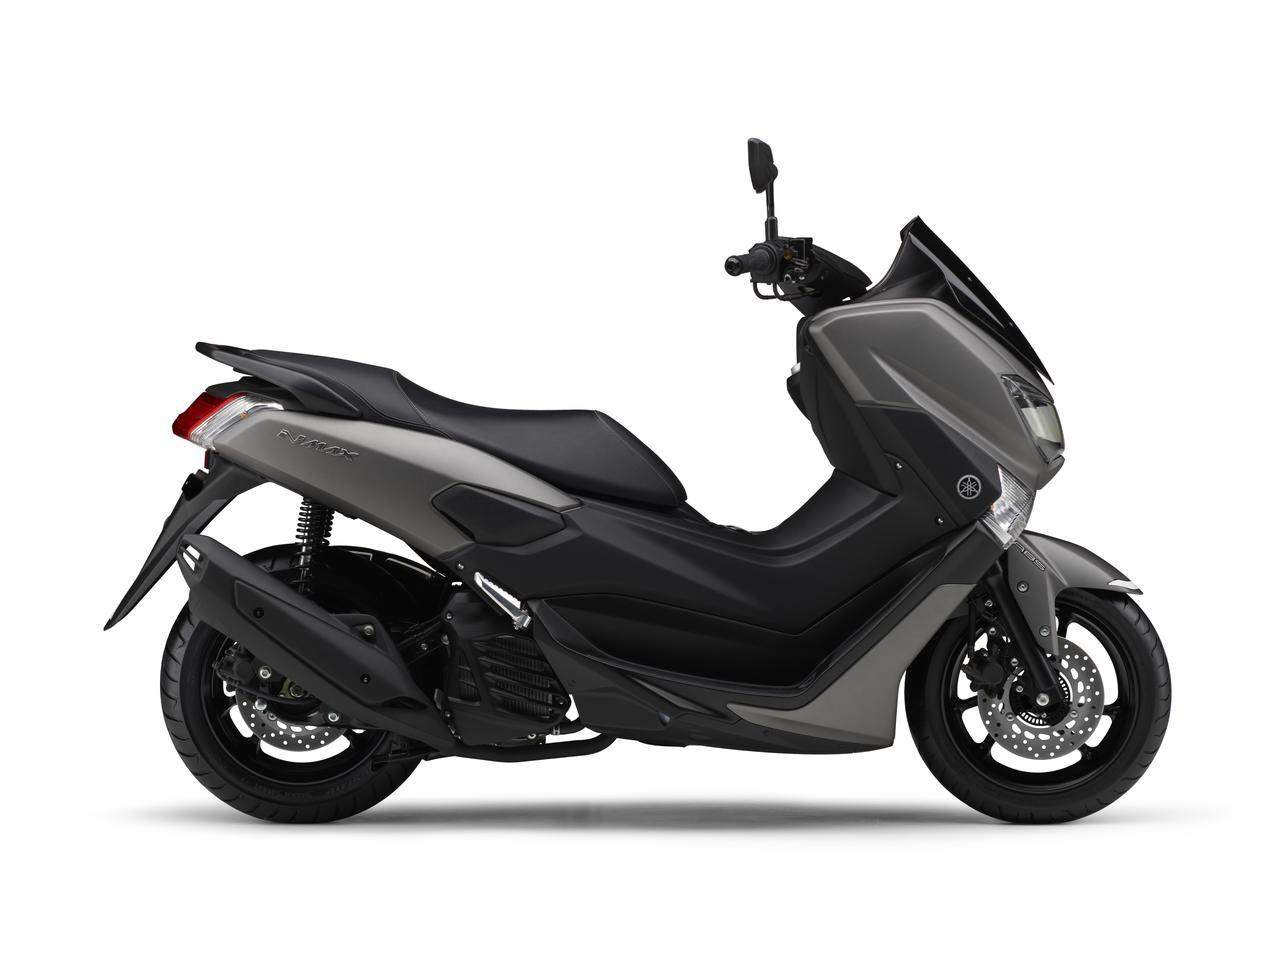 画像12: ヤマハの原付二種「NMAX ABS」2020年モデル情報|新色が4月25日に発売!【価格・発売日・カラー・スペック】